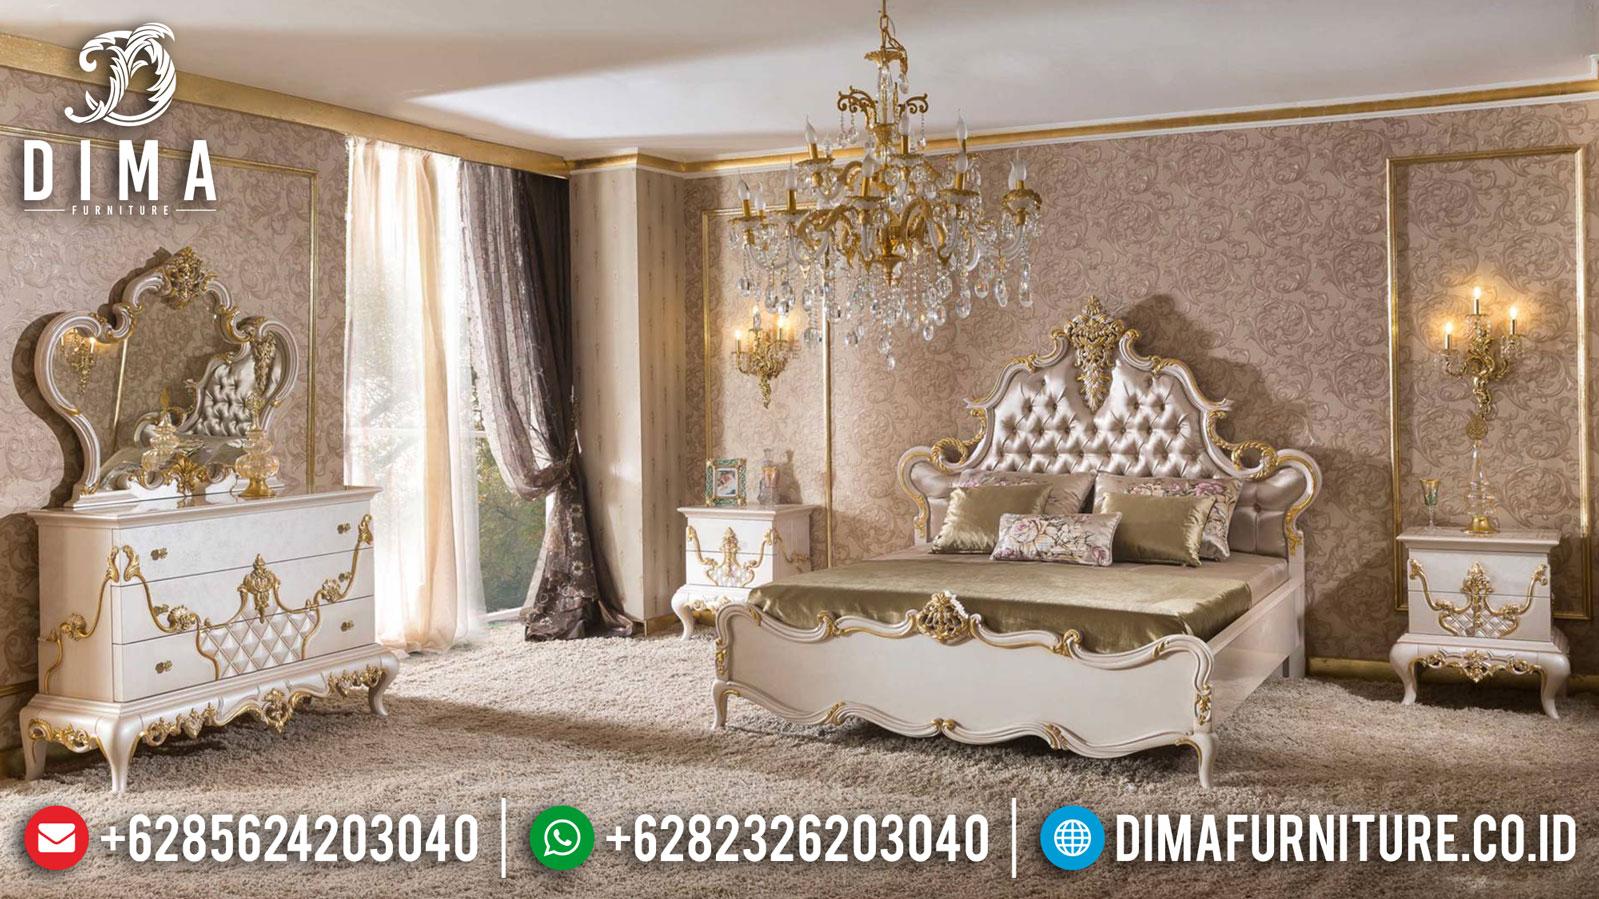 Kamar Set Mewah Jepara Calandre Luxury Classic Design Terbaru TTJ-1321